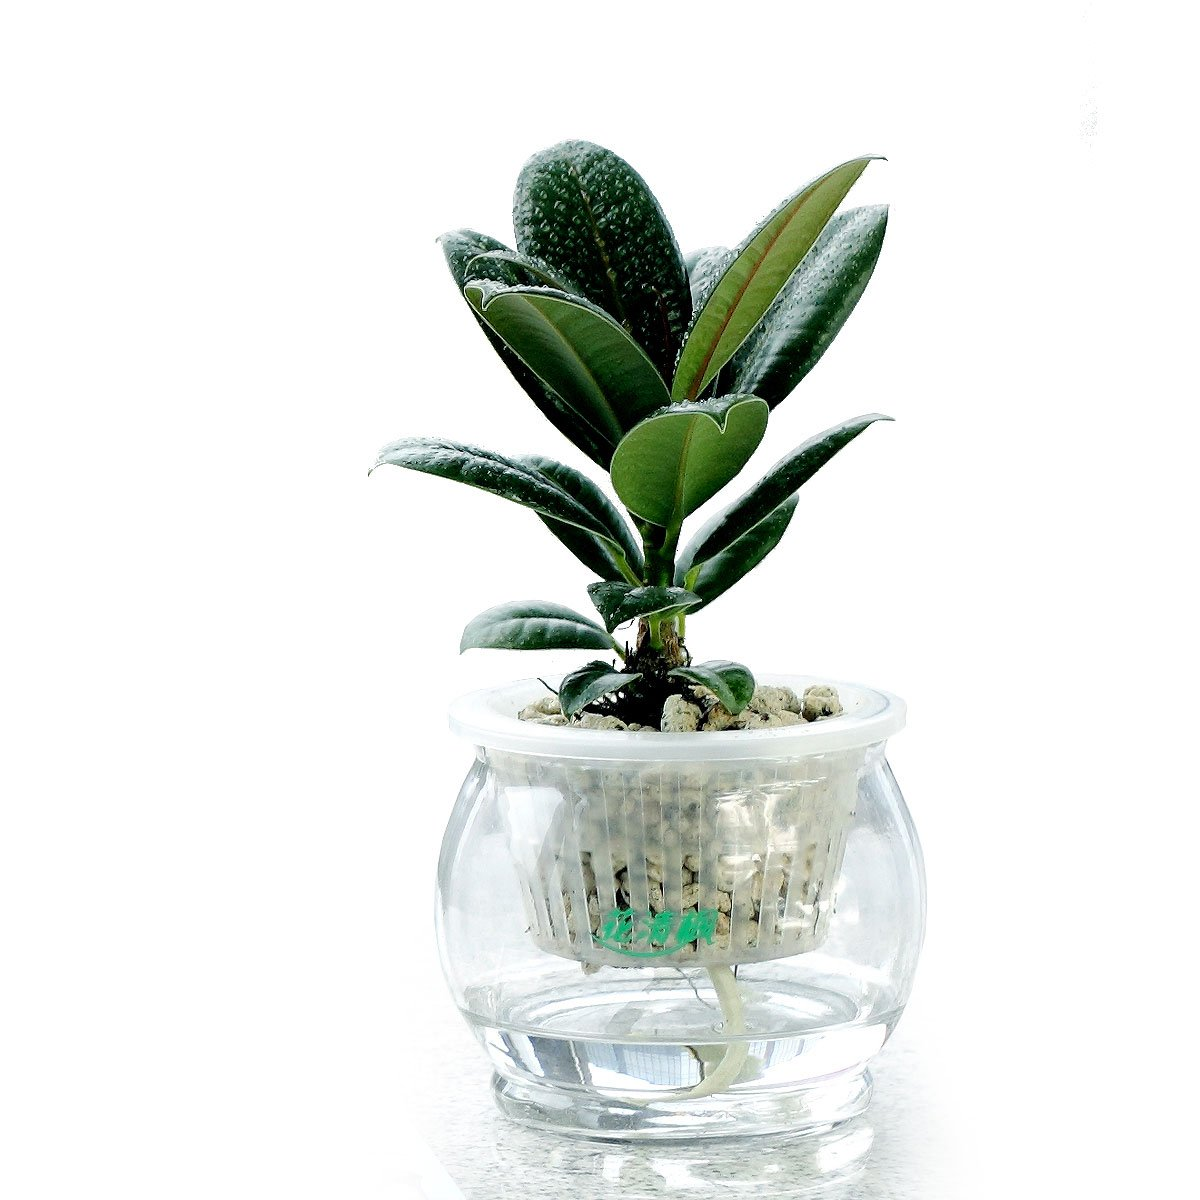 容易养,好成活 也名橡皮树 叶色黑绿 独具个性 水培整套 (晶莹玻璃盆